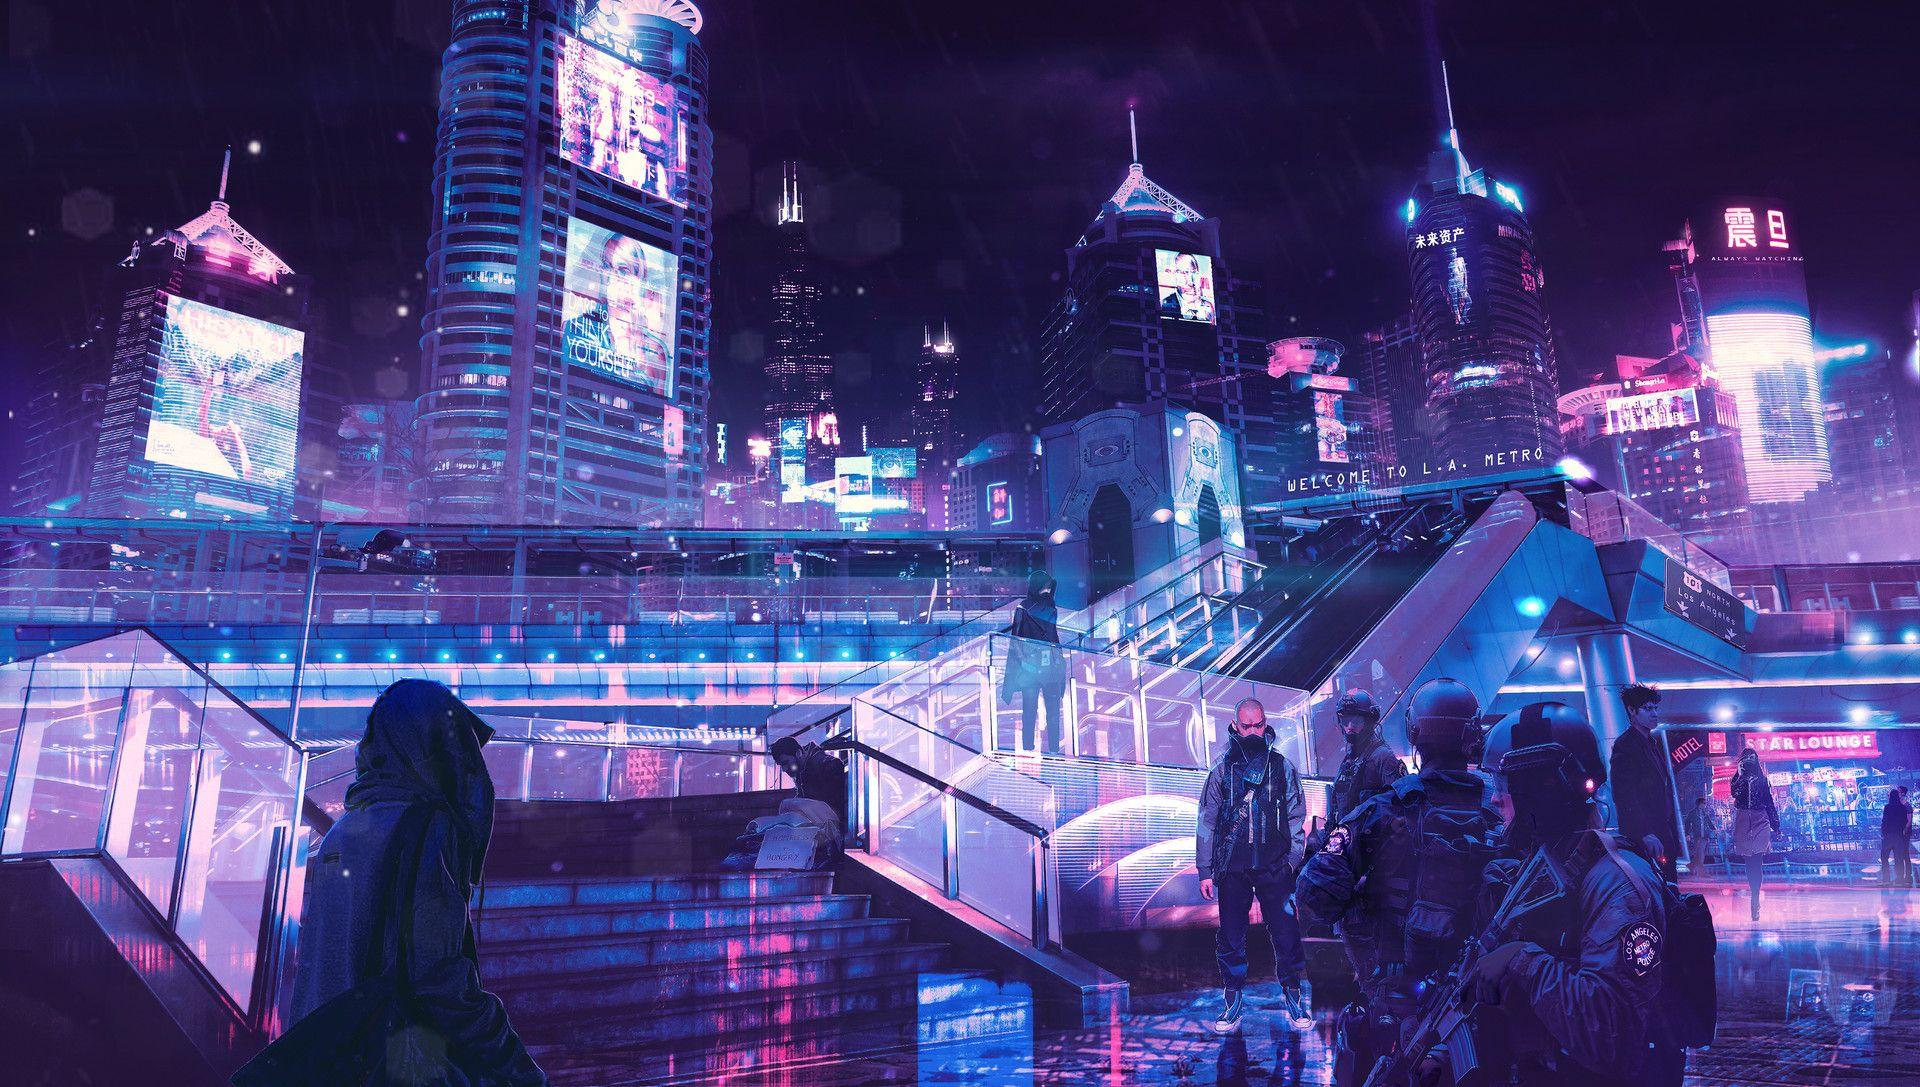 Https Kotaku Com Welcome To 2049 1822984167 Cyberpunk City City Wallpaper Neon Wallpaper